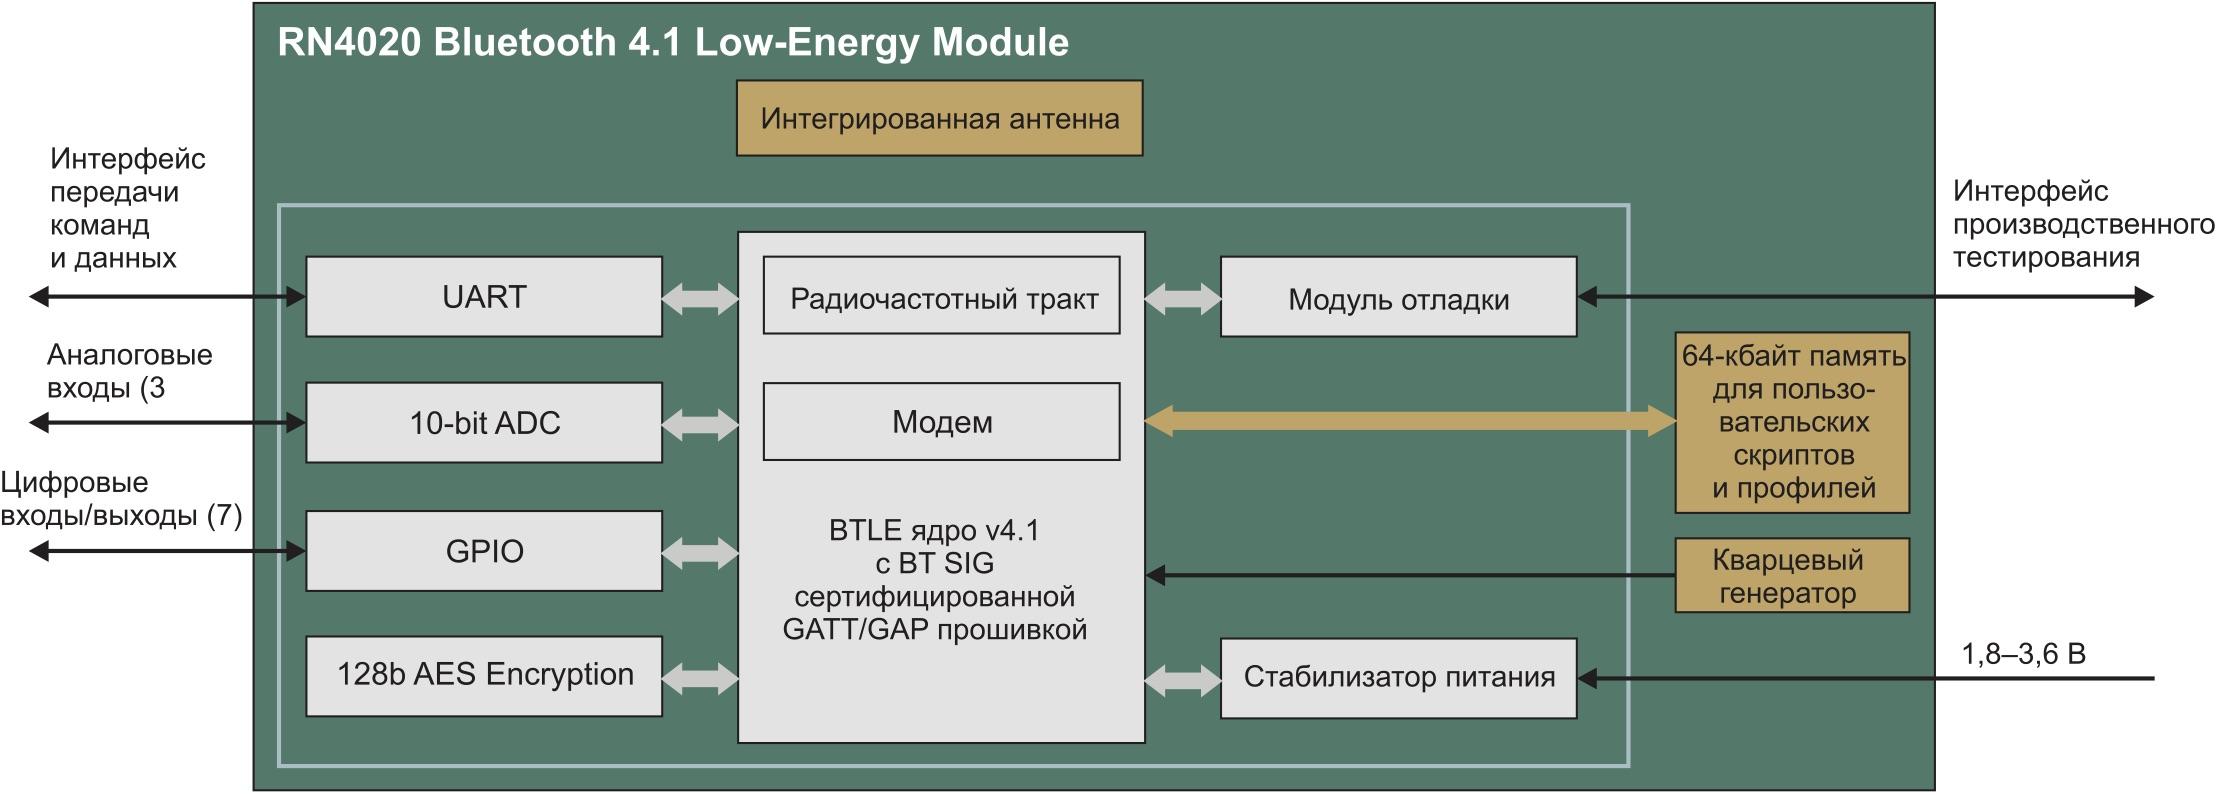 Схема RN4020